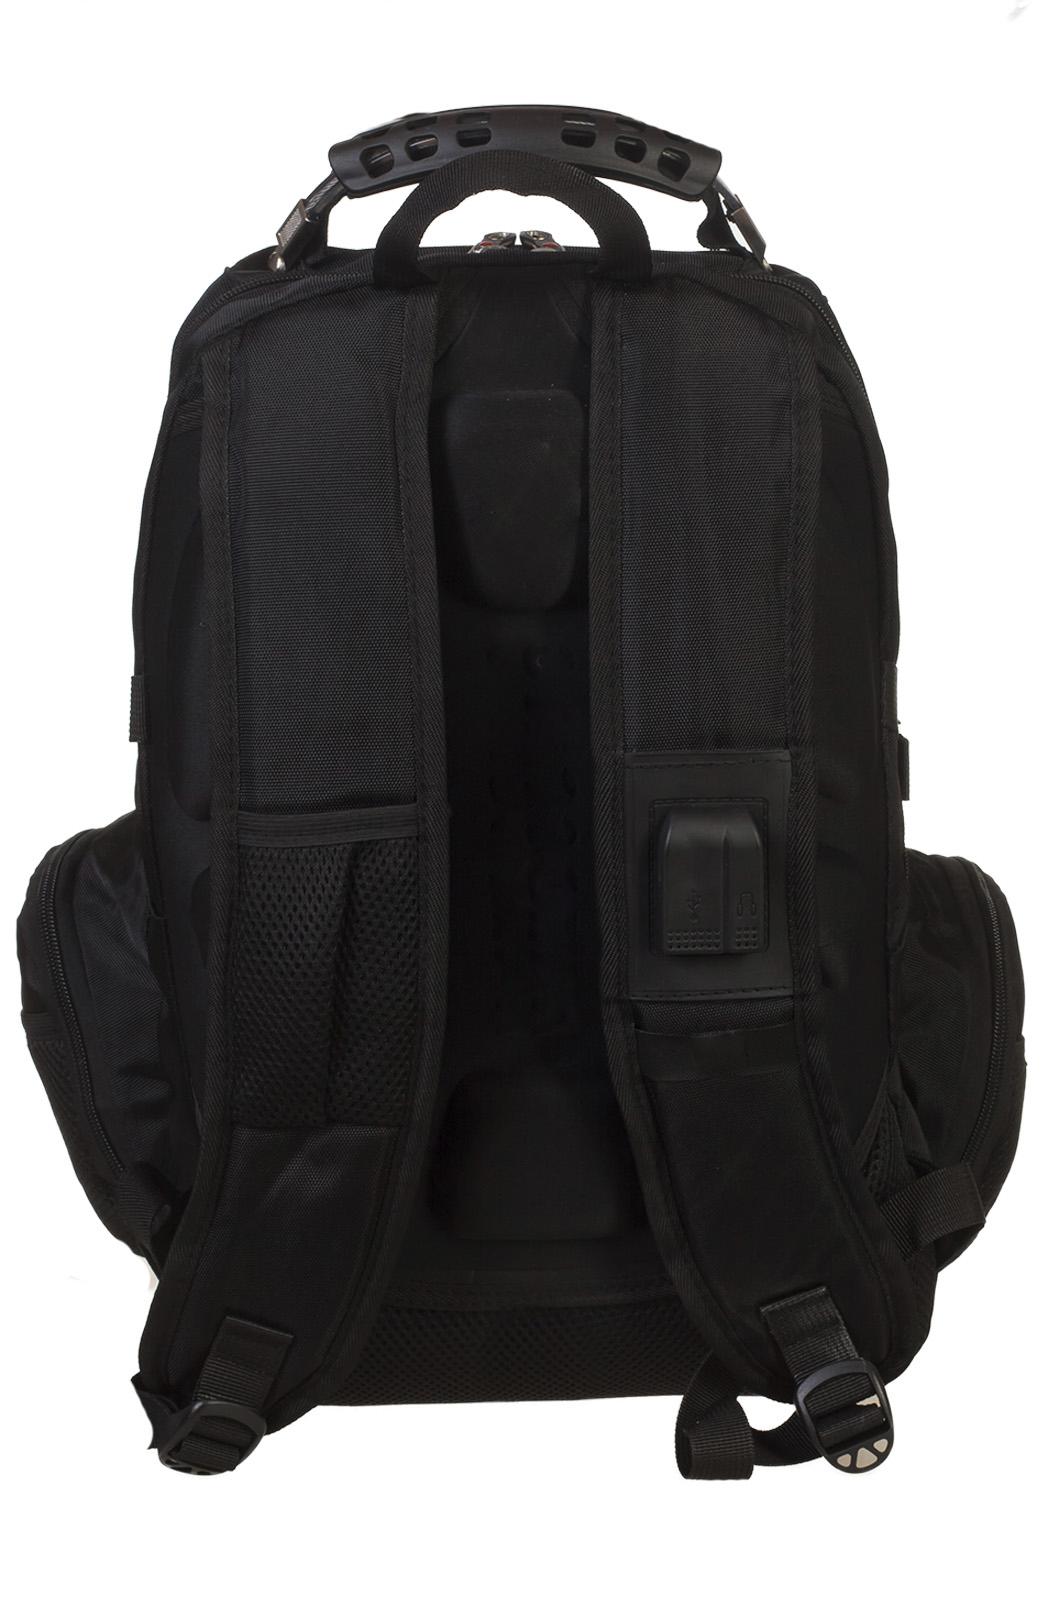 Универсальный черный рюкзак с шевроном Росгвардии купить онлайн